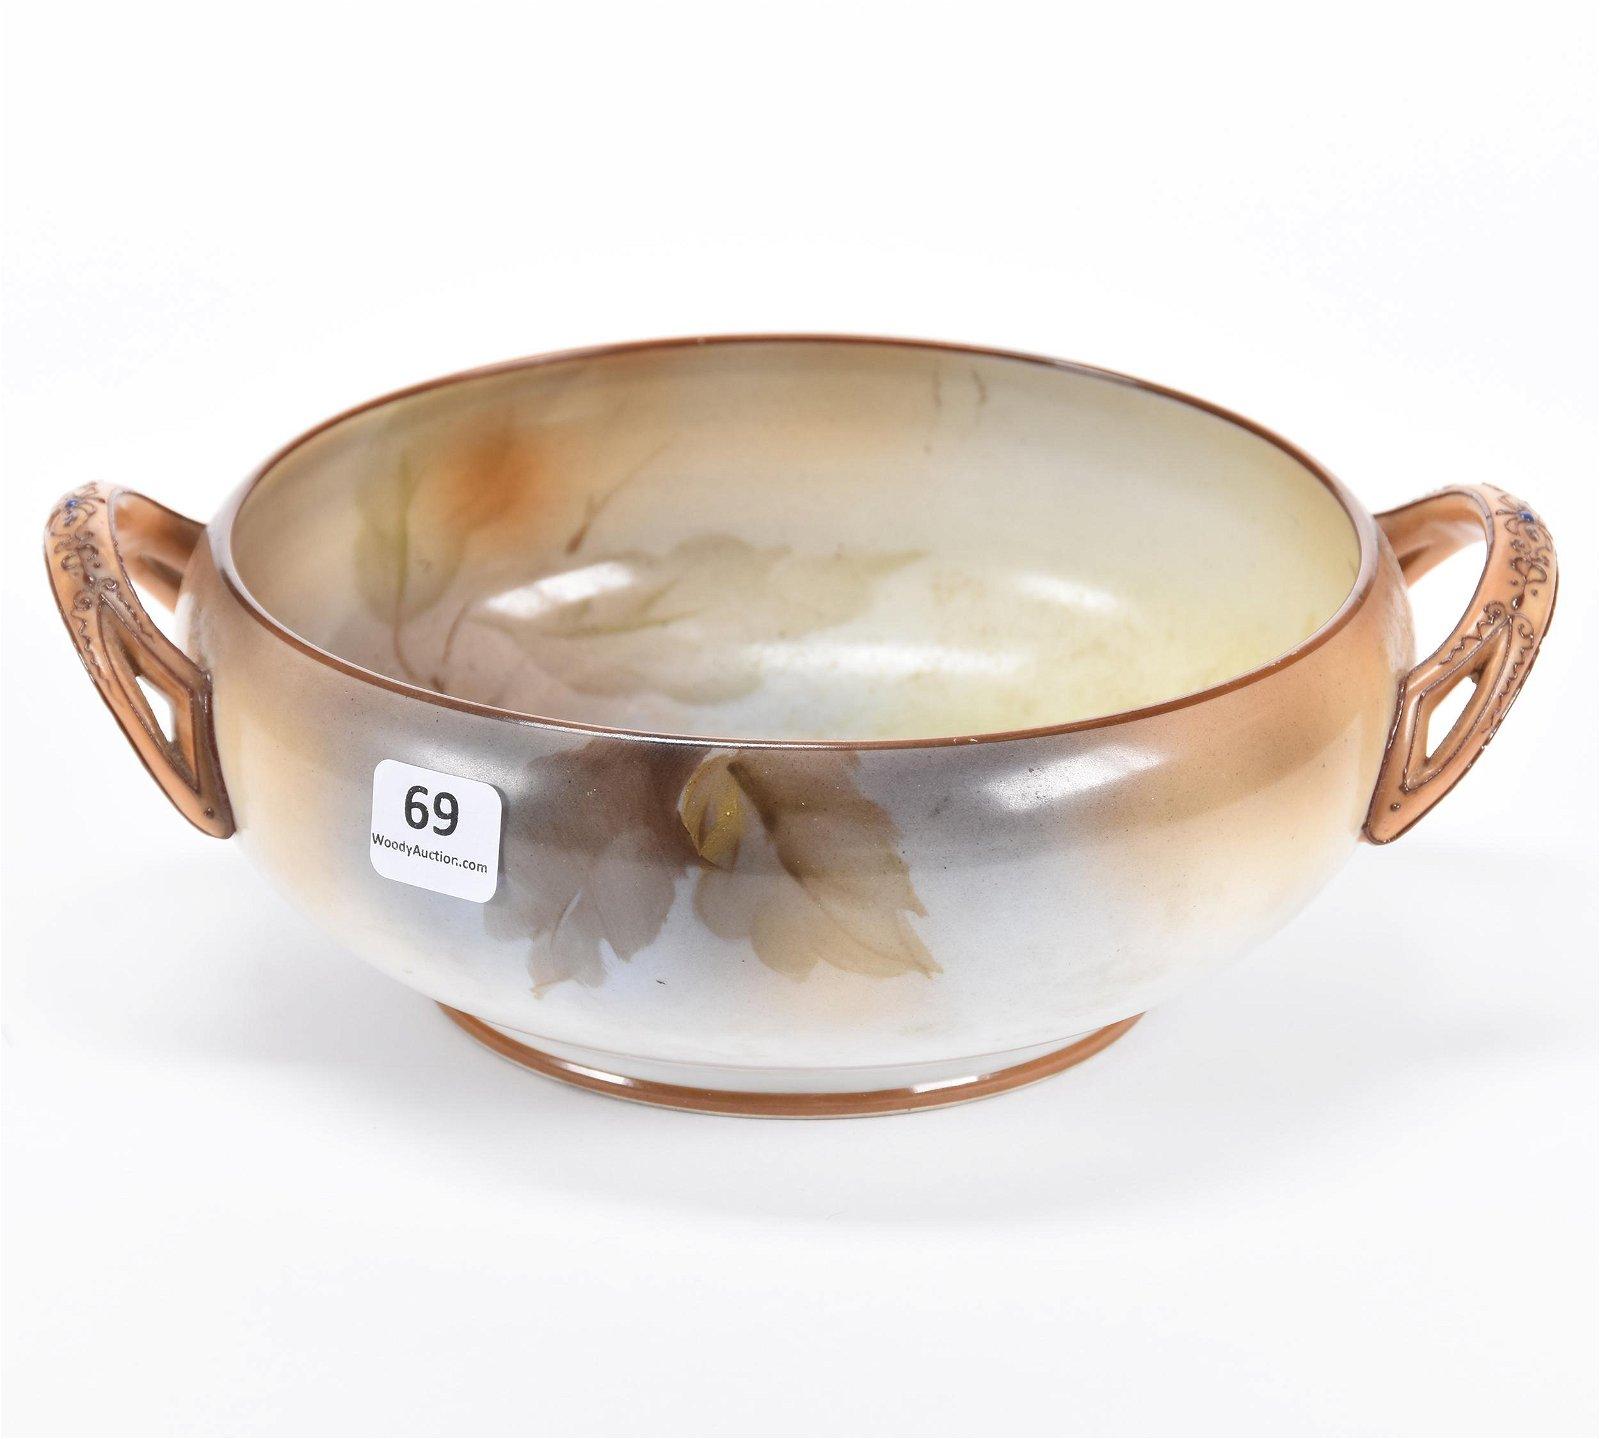 Two-Handled Bowl, Noritake Blown Mold